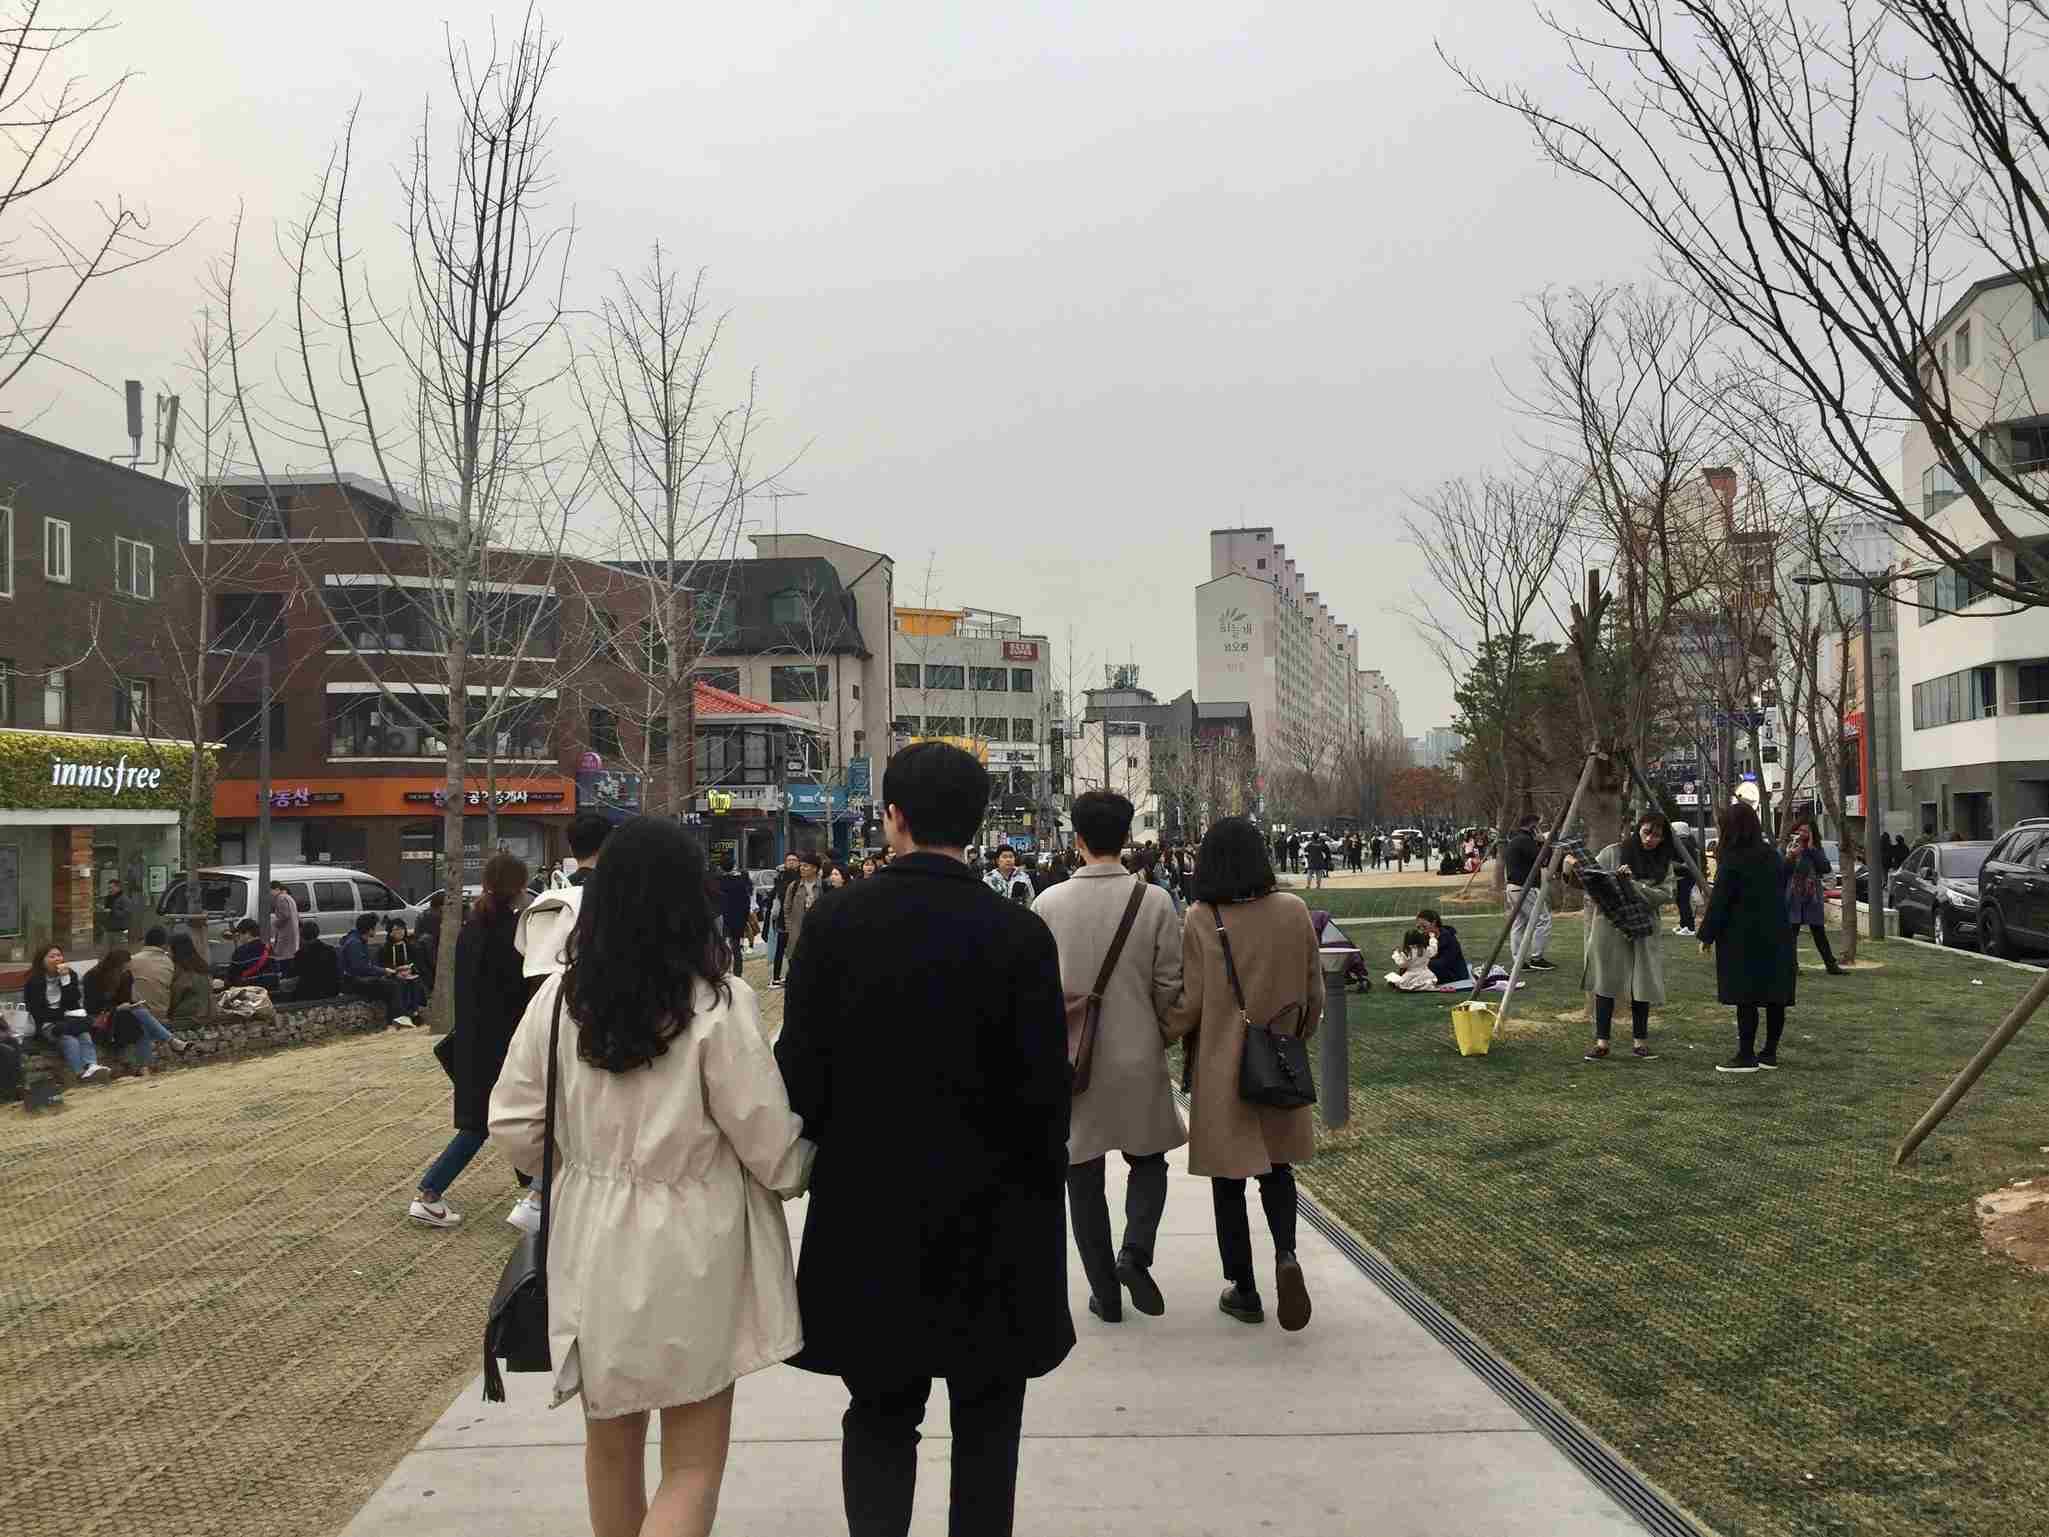 5.延南洞 - 34.4% 從弘大入口站3號出口出來的話就是延南洞啦! 周圍散發輕鬆悠閒的氛圍,週末常常會有韓國人坐在草地上野餐聊天呢~~